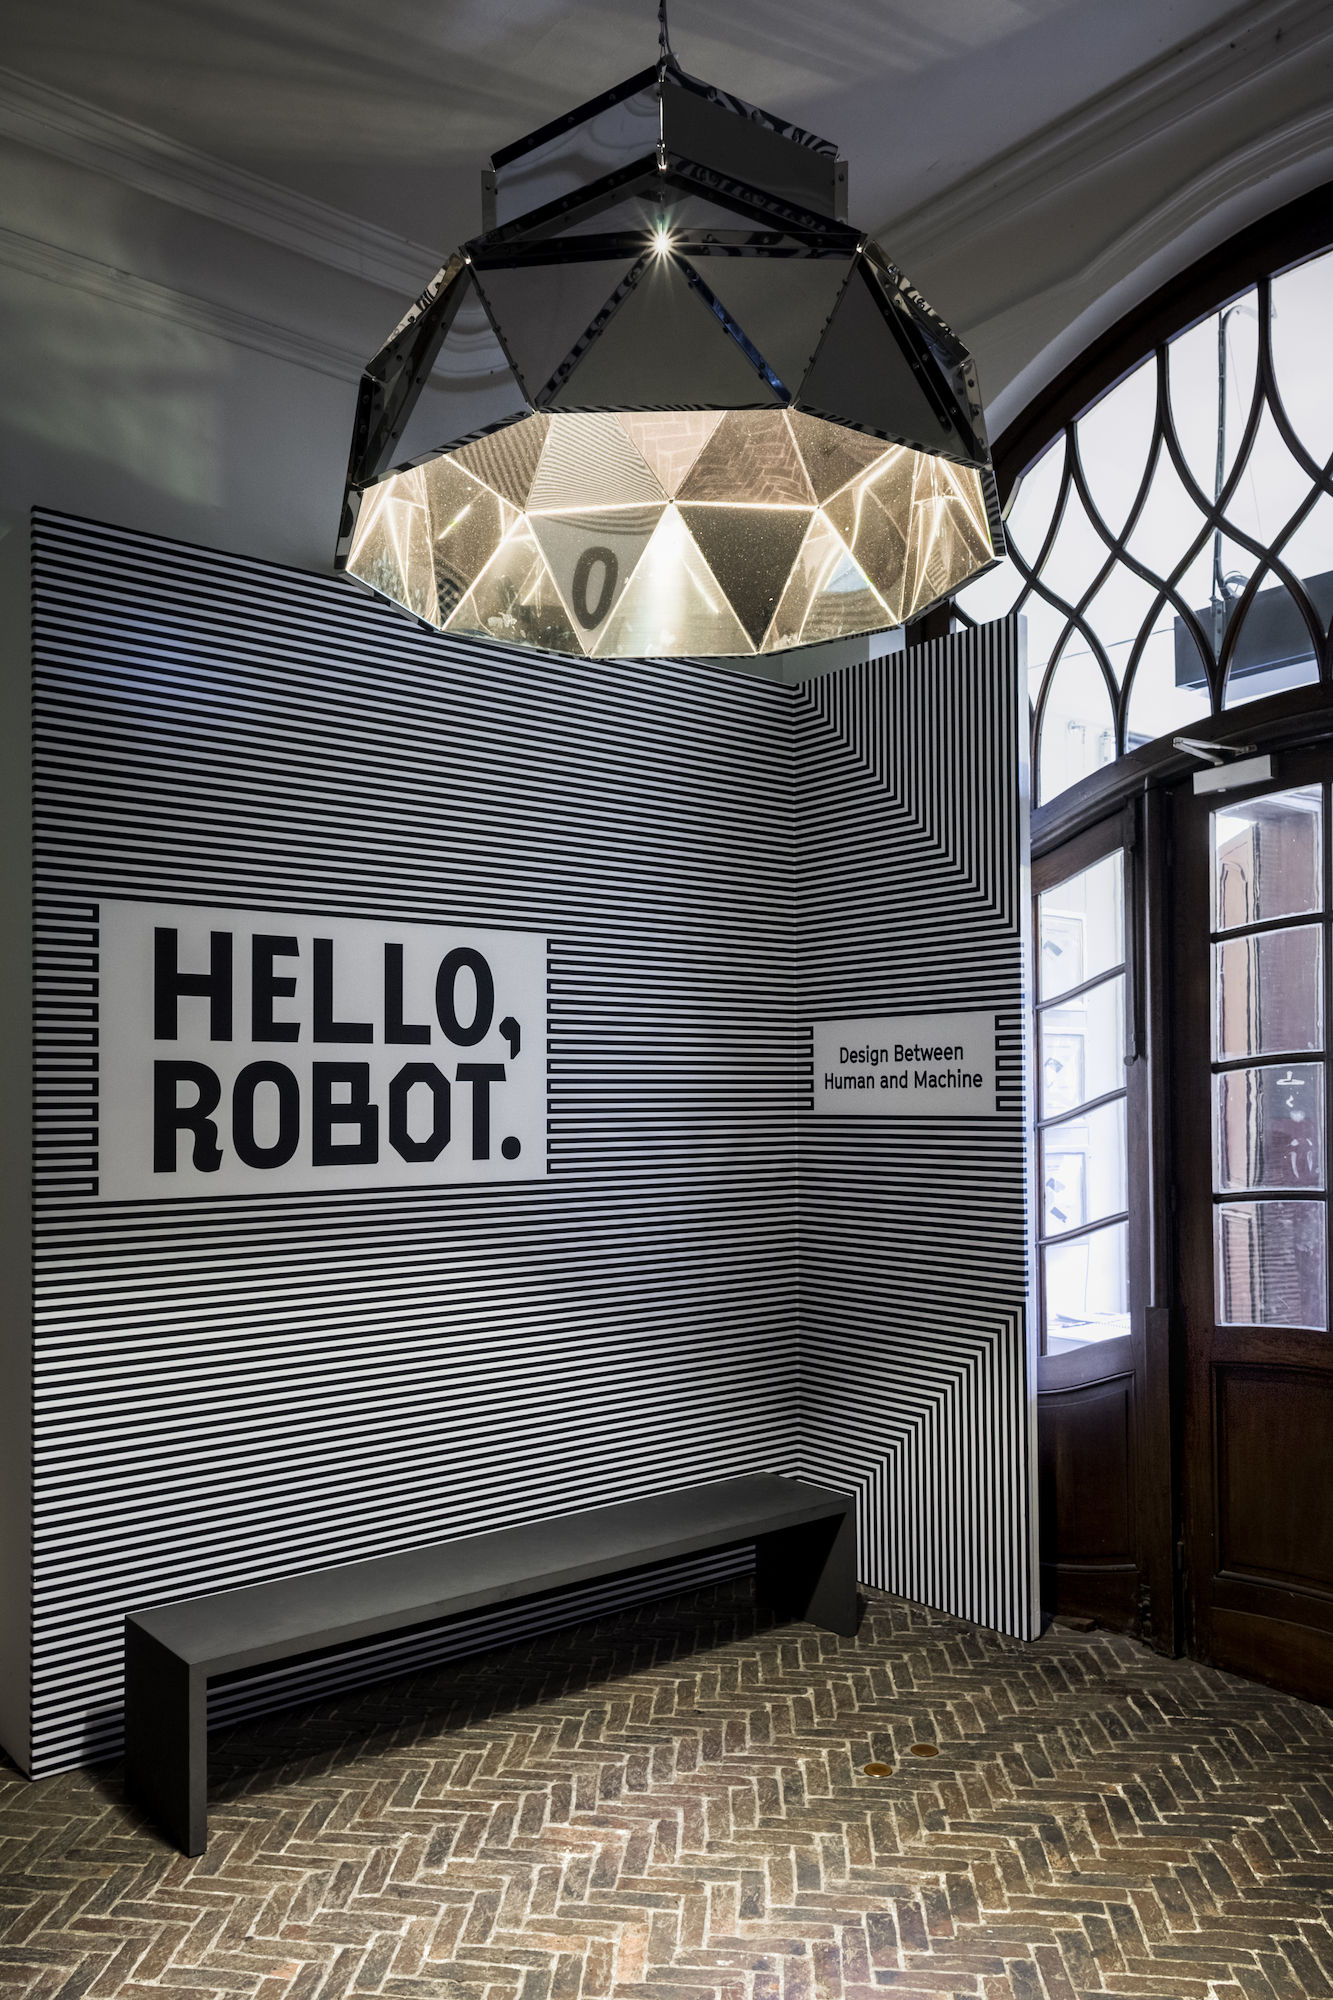 Hello, Robot. - DARK APOLLO